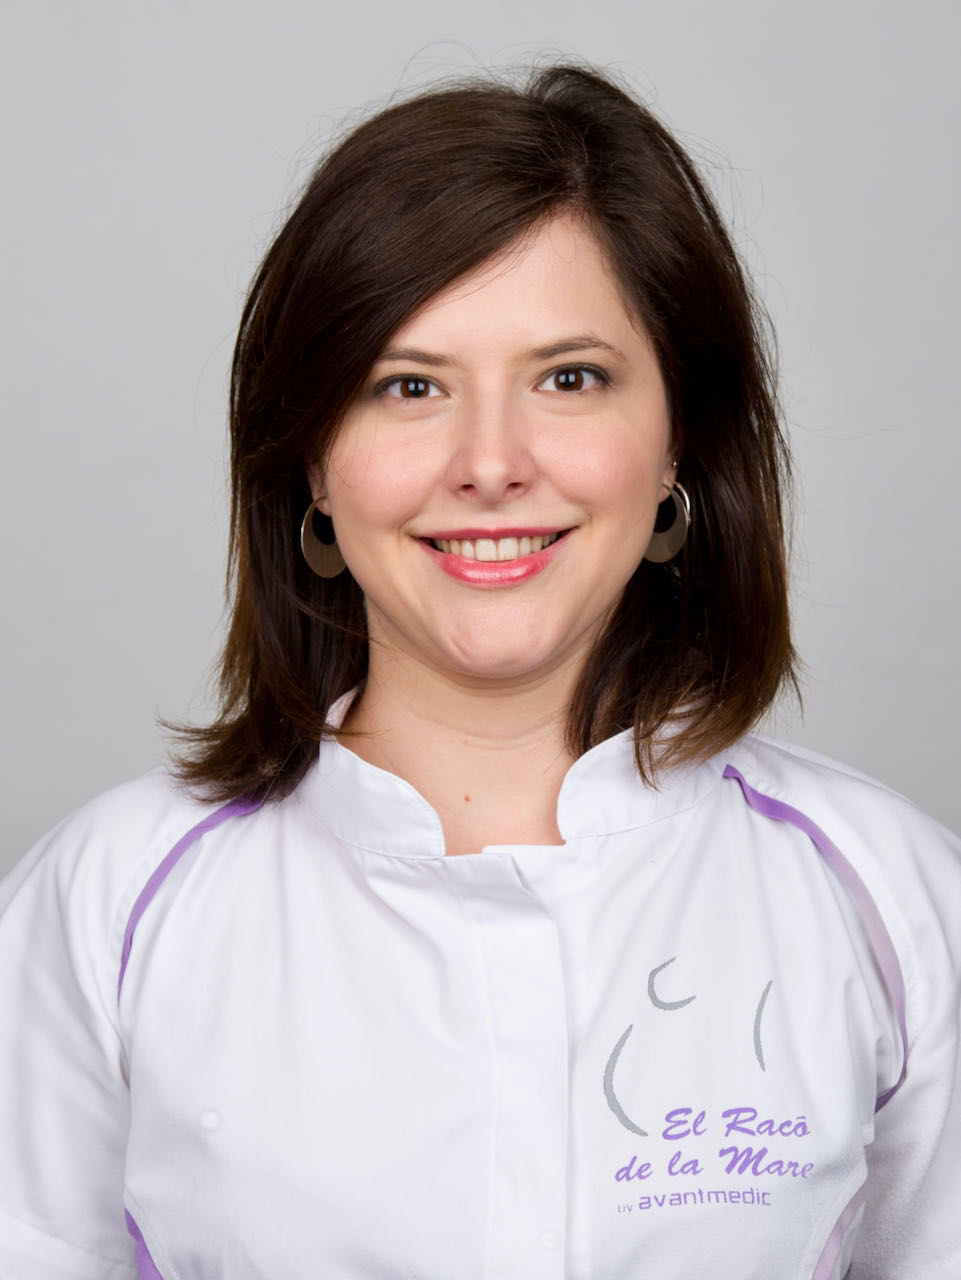 Sra. Laura Buil Gòdia